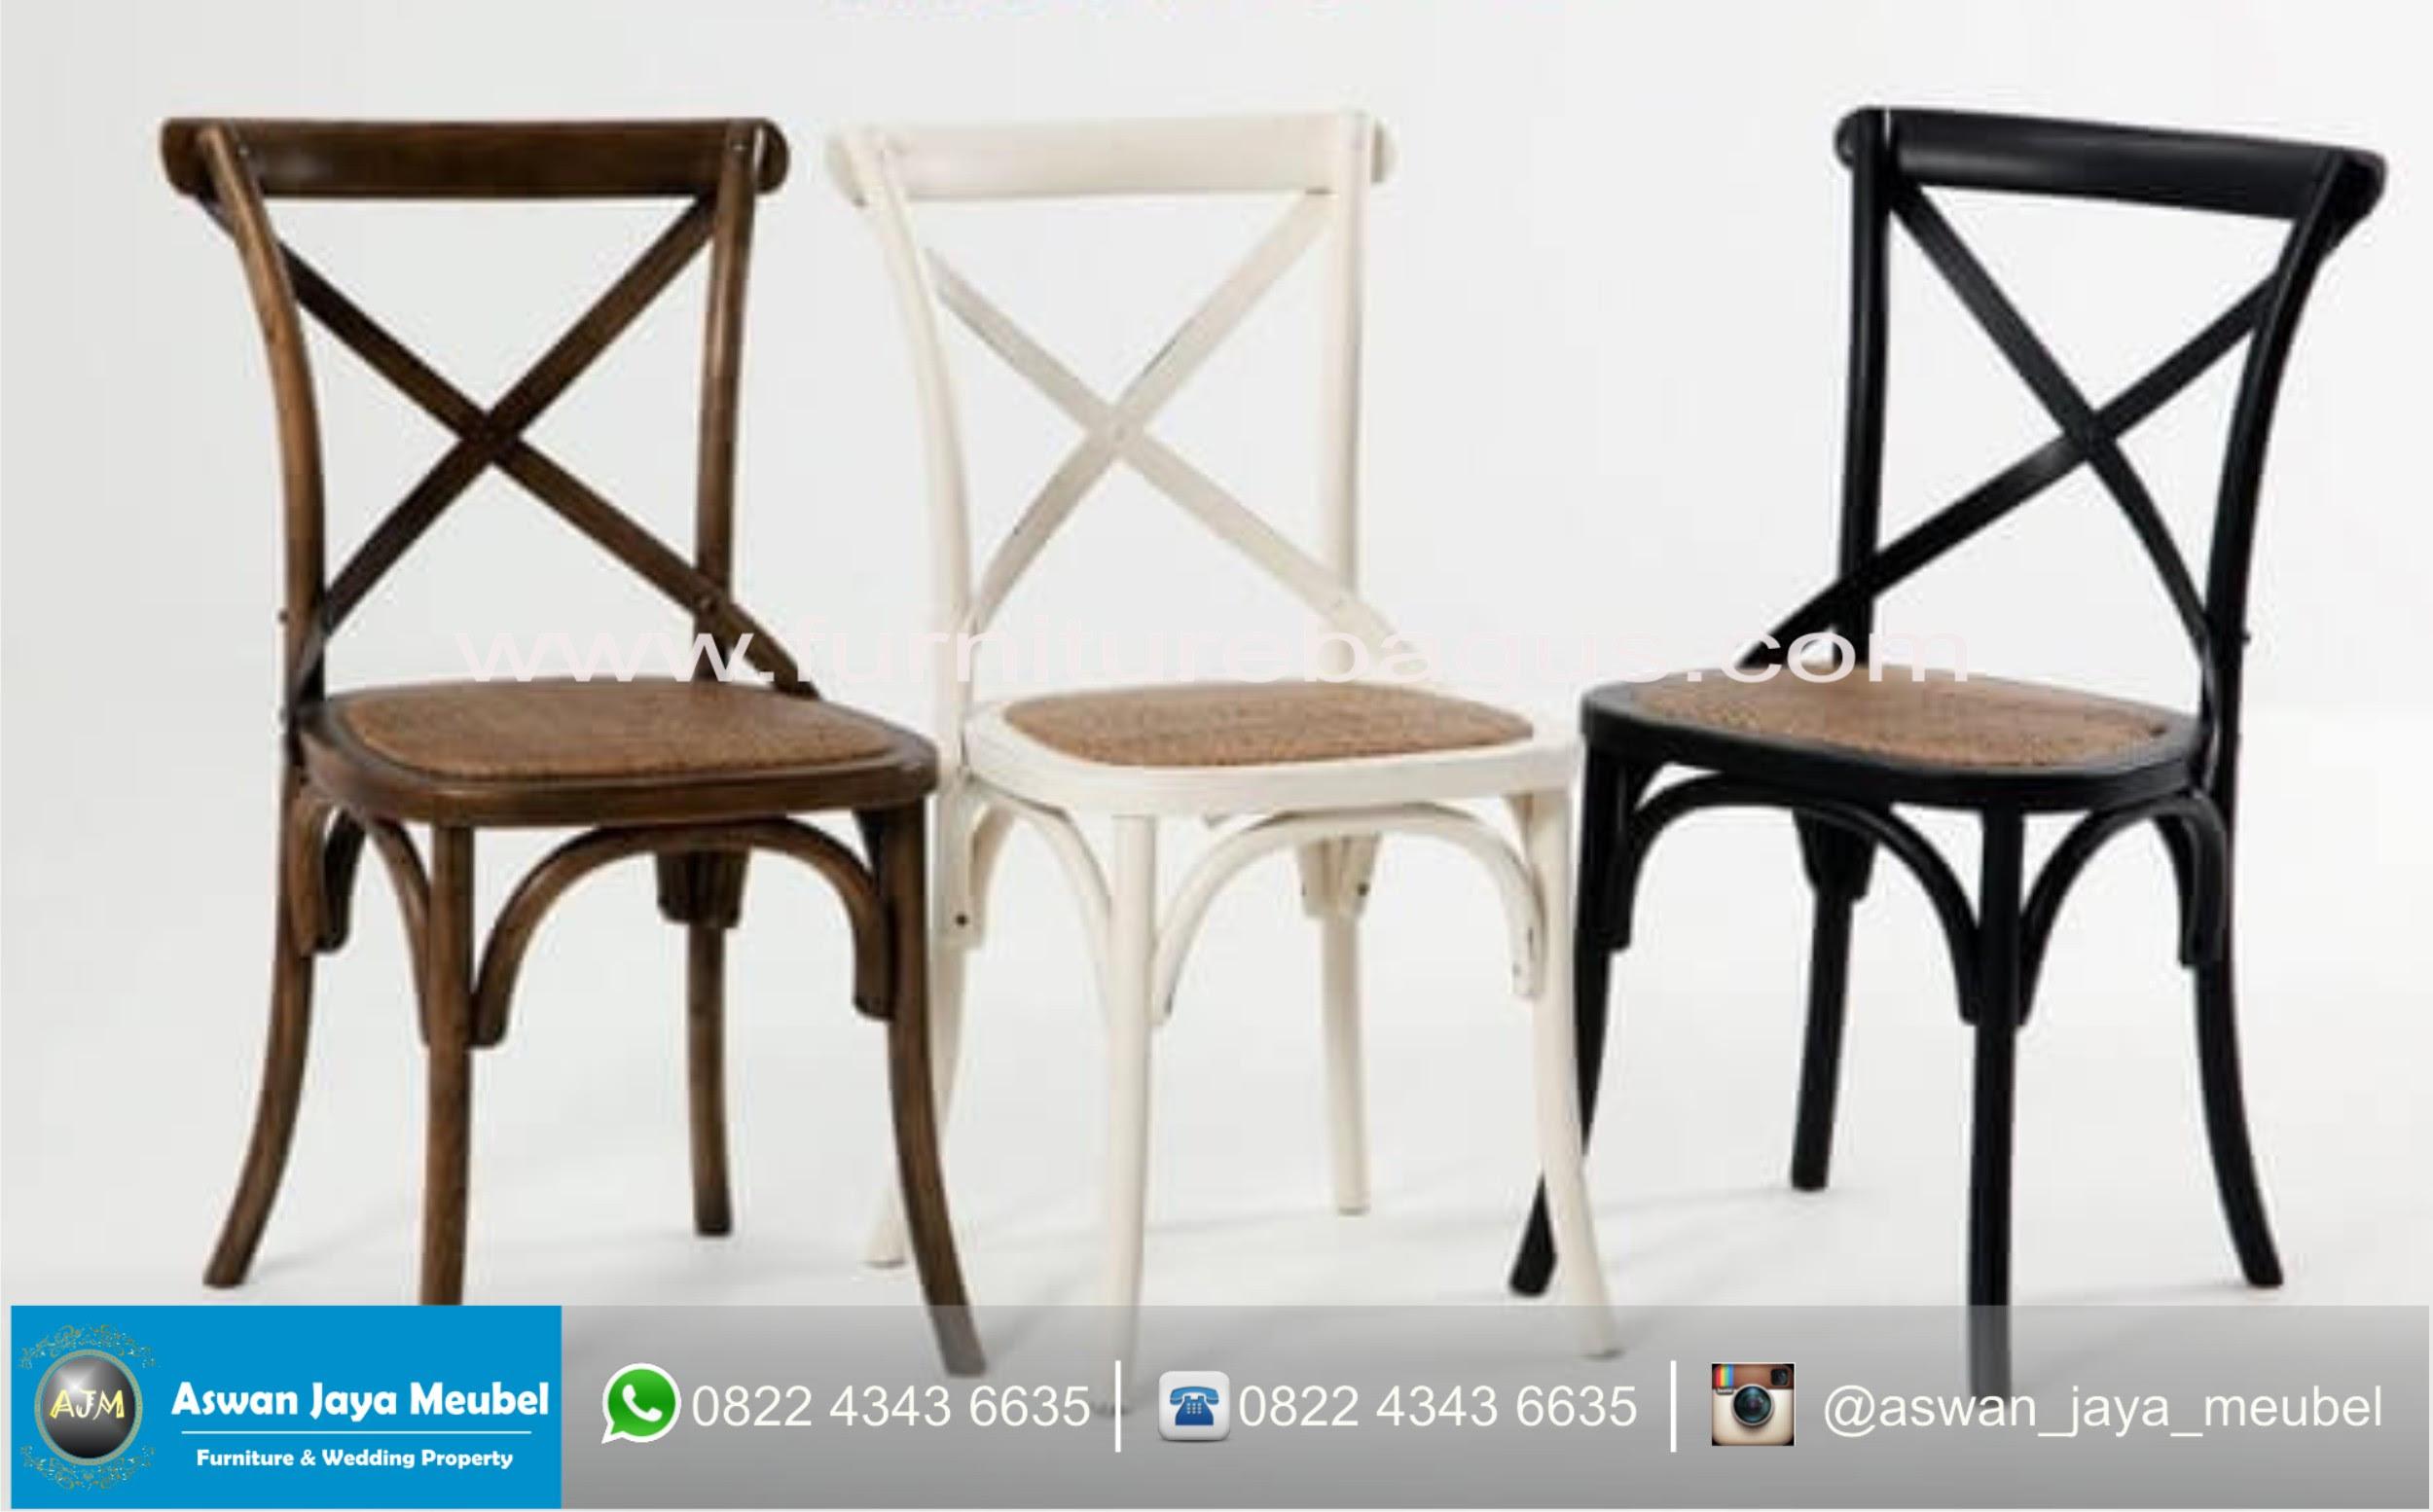 Interior Cafe Terlihat Menarik Dengan Kursi Cafe Coboy Aswan